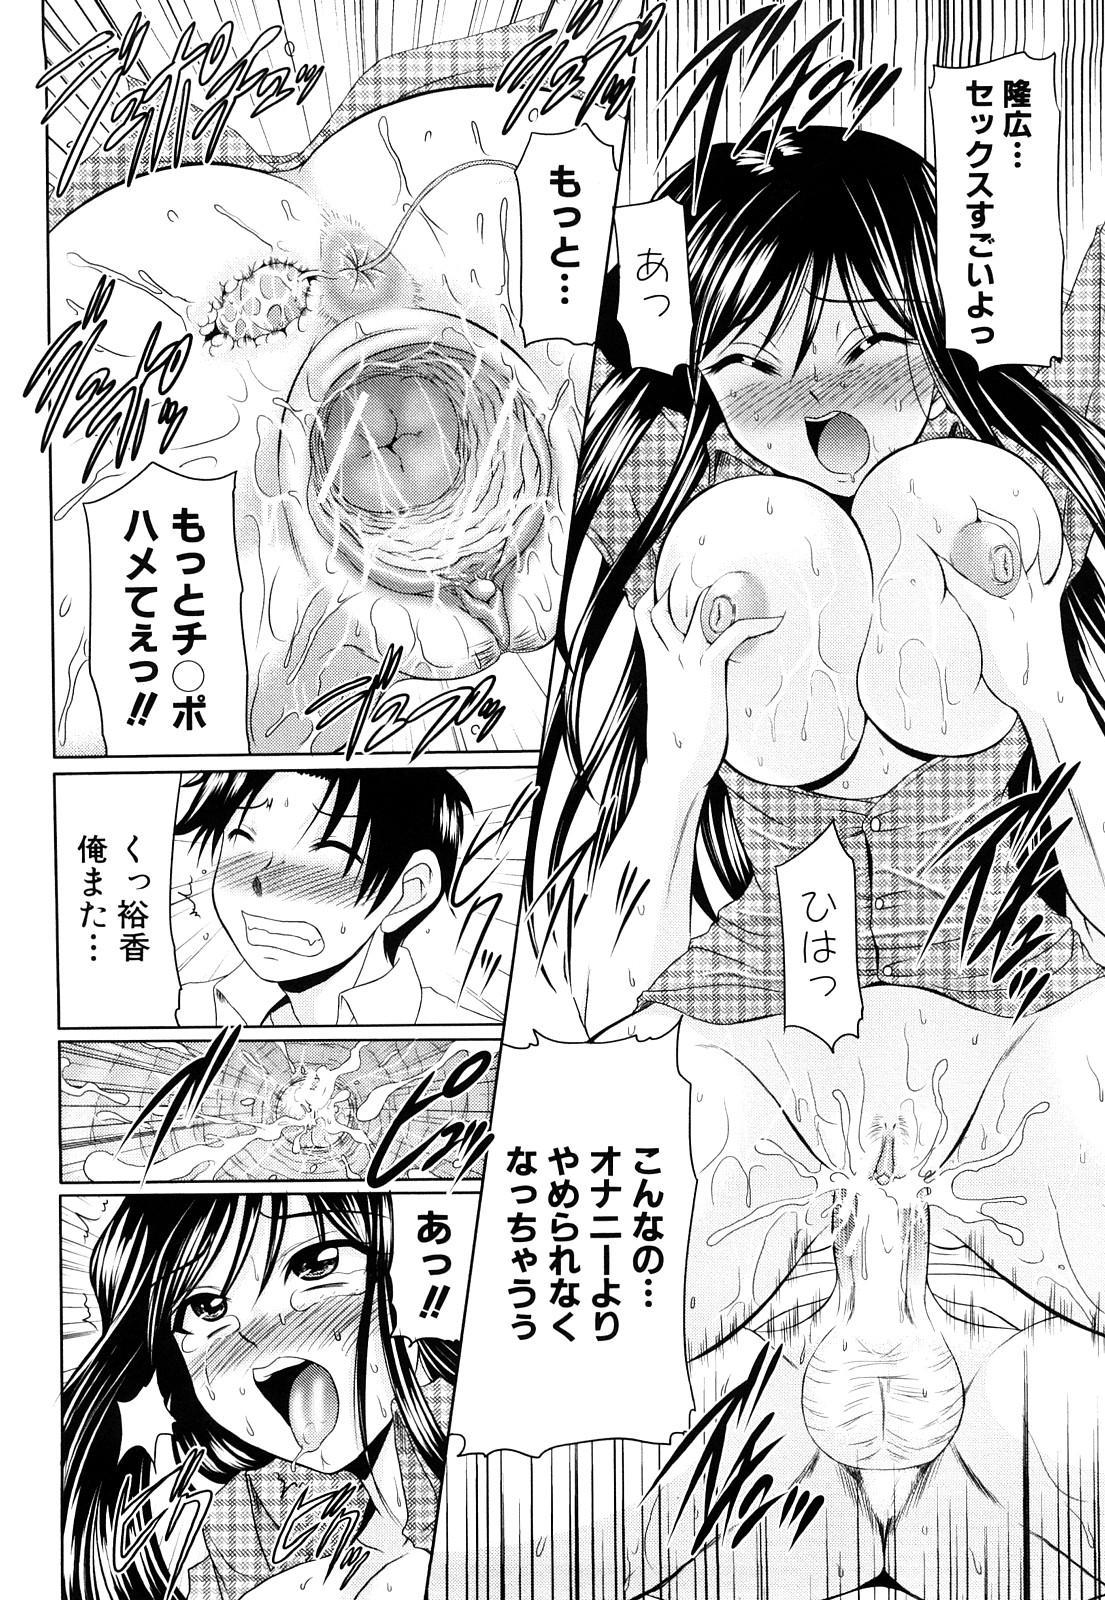 Nikuyoku Analyze 142